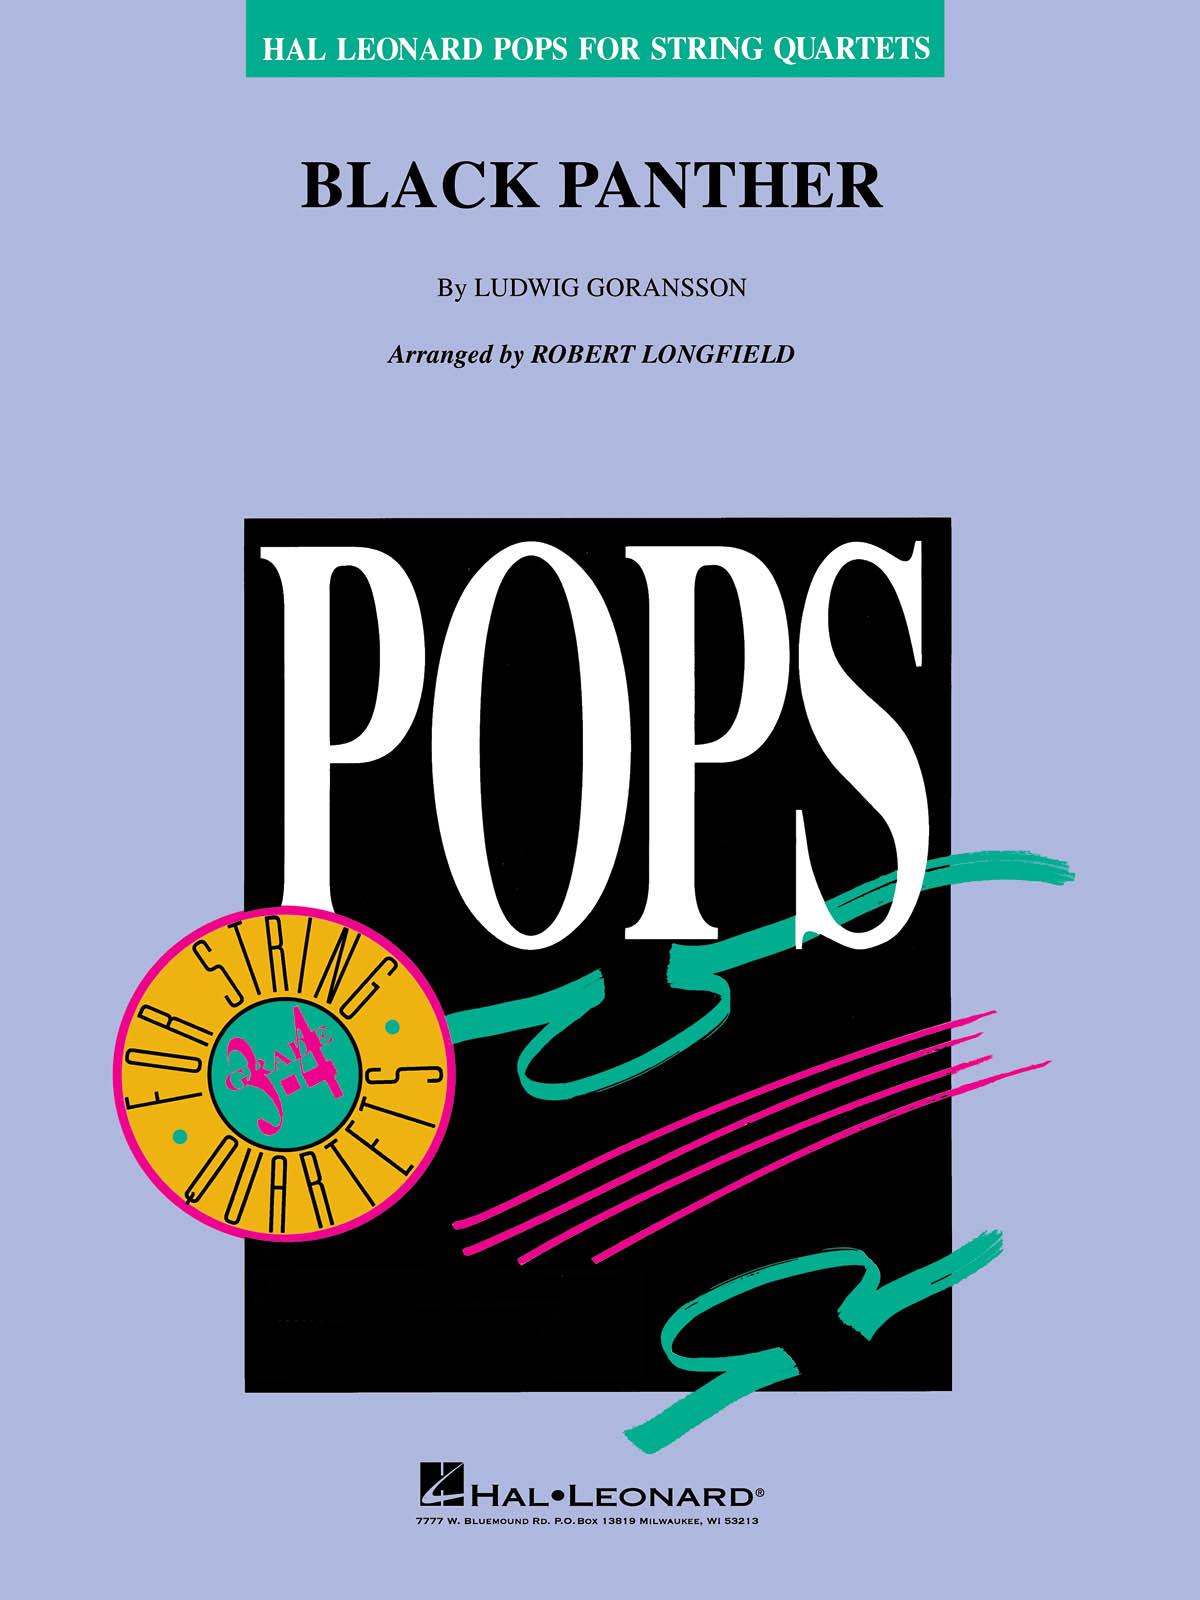 Hal Leonard Pops For String Quartet: Black Panther - Sheet Music